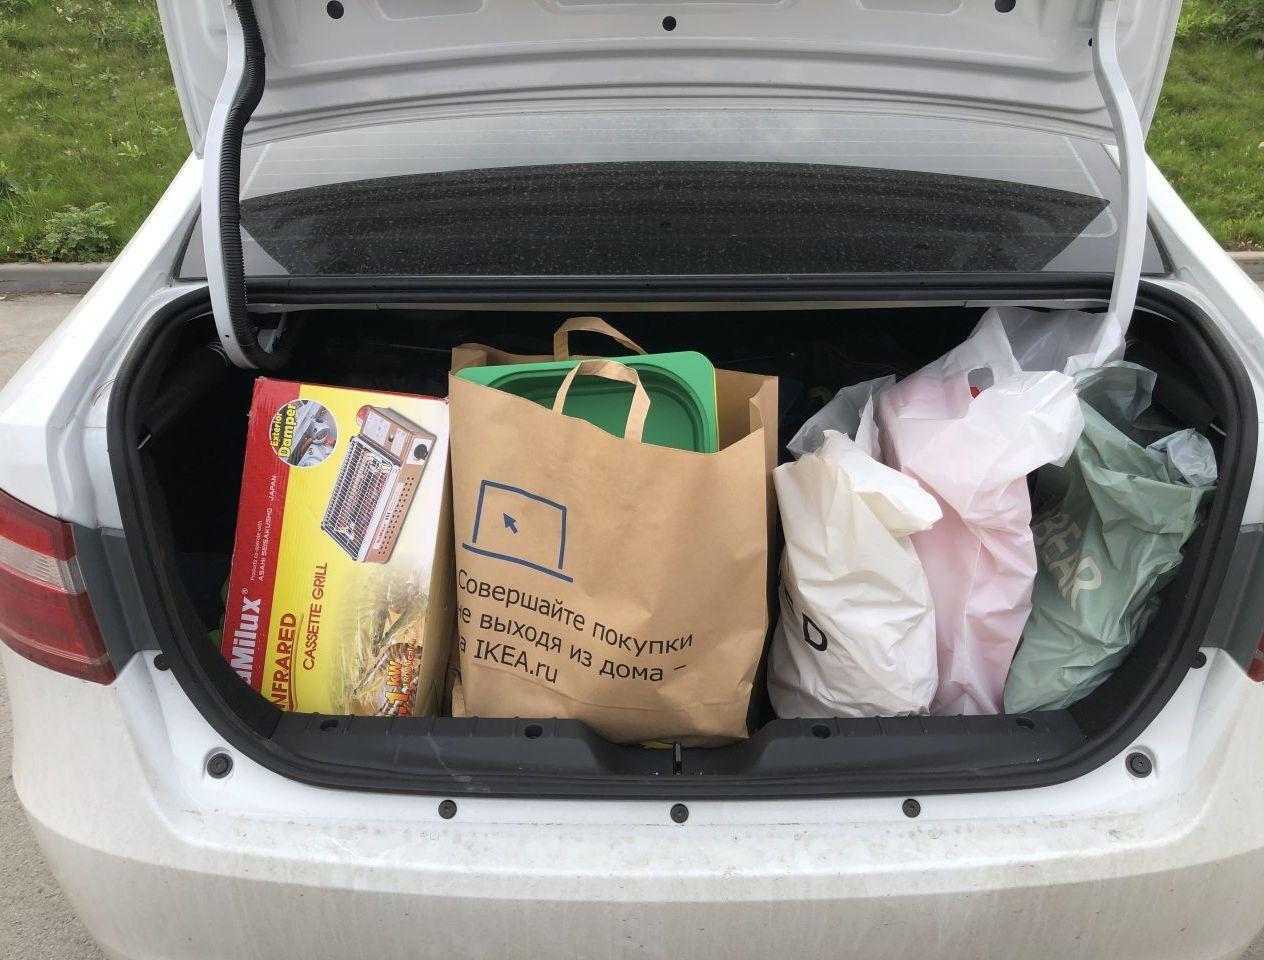 Моё типичное состояние багажника